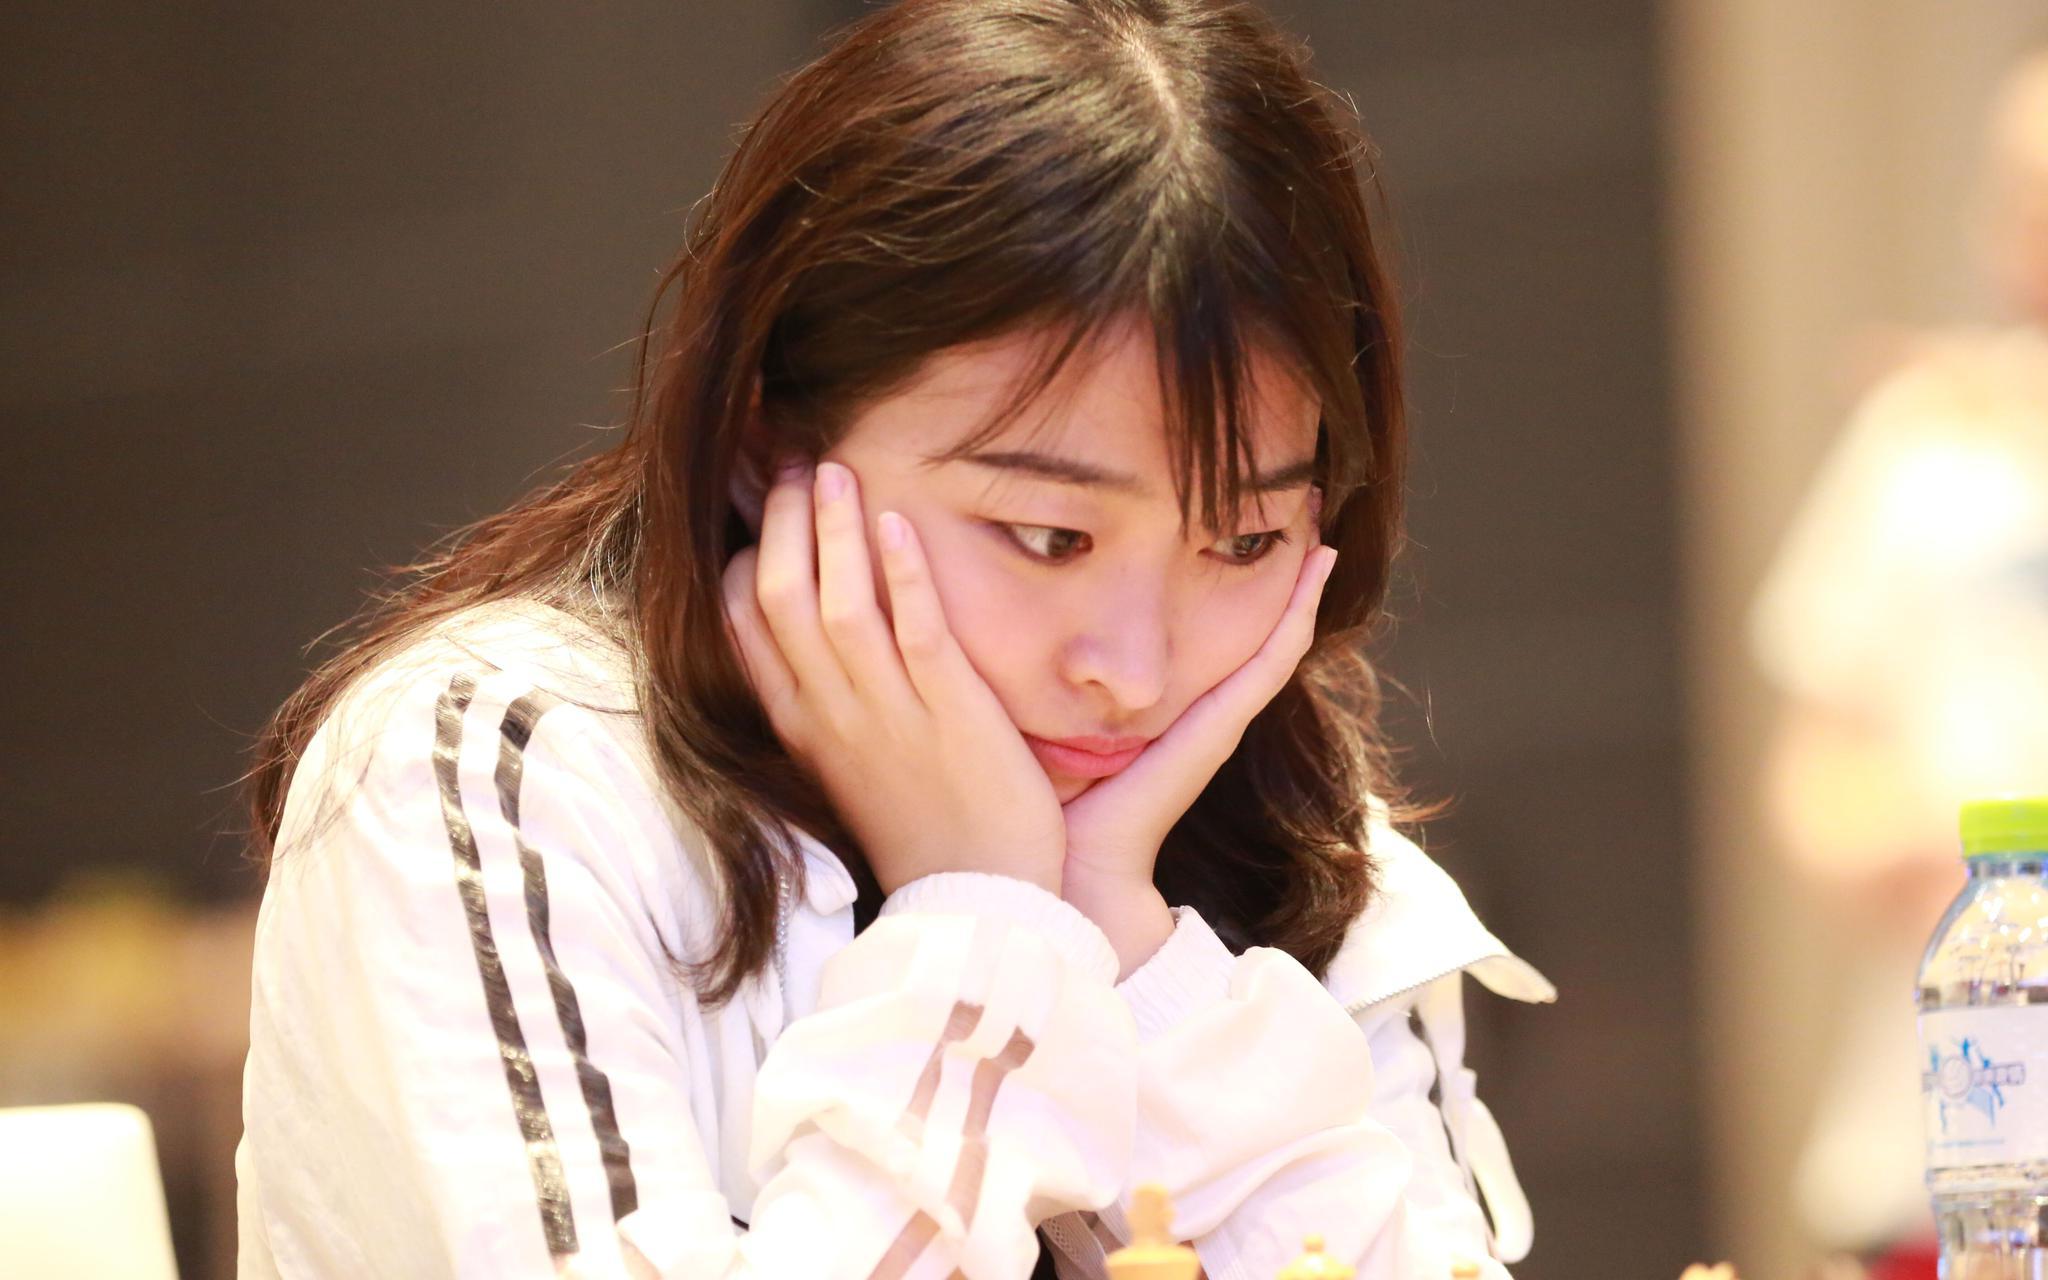 女子国际象棋世界冠军对抗赛,居文君首胜占先机